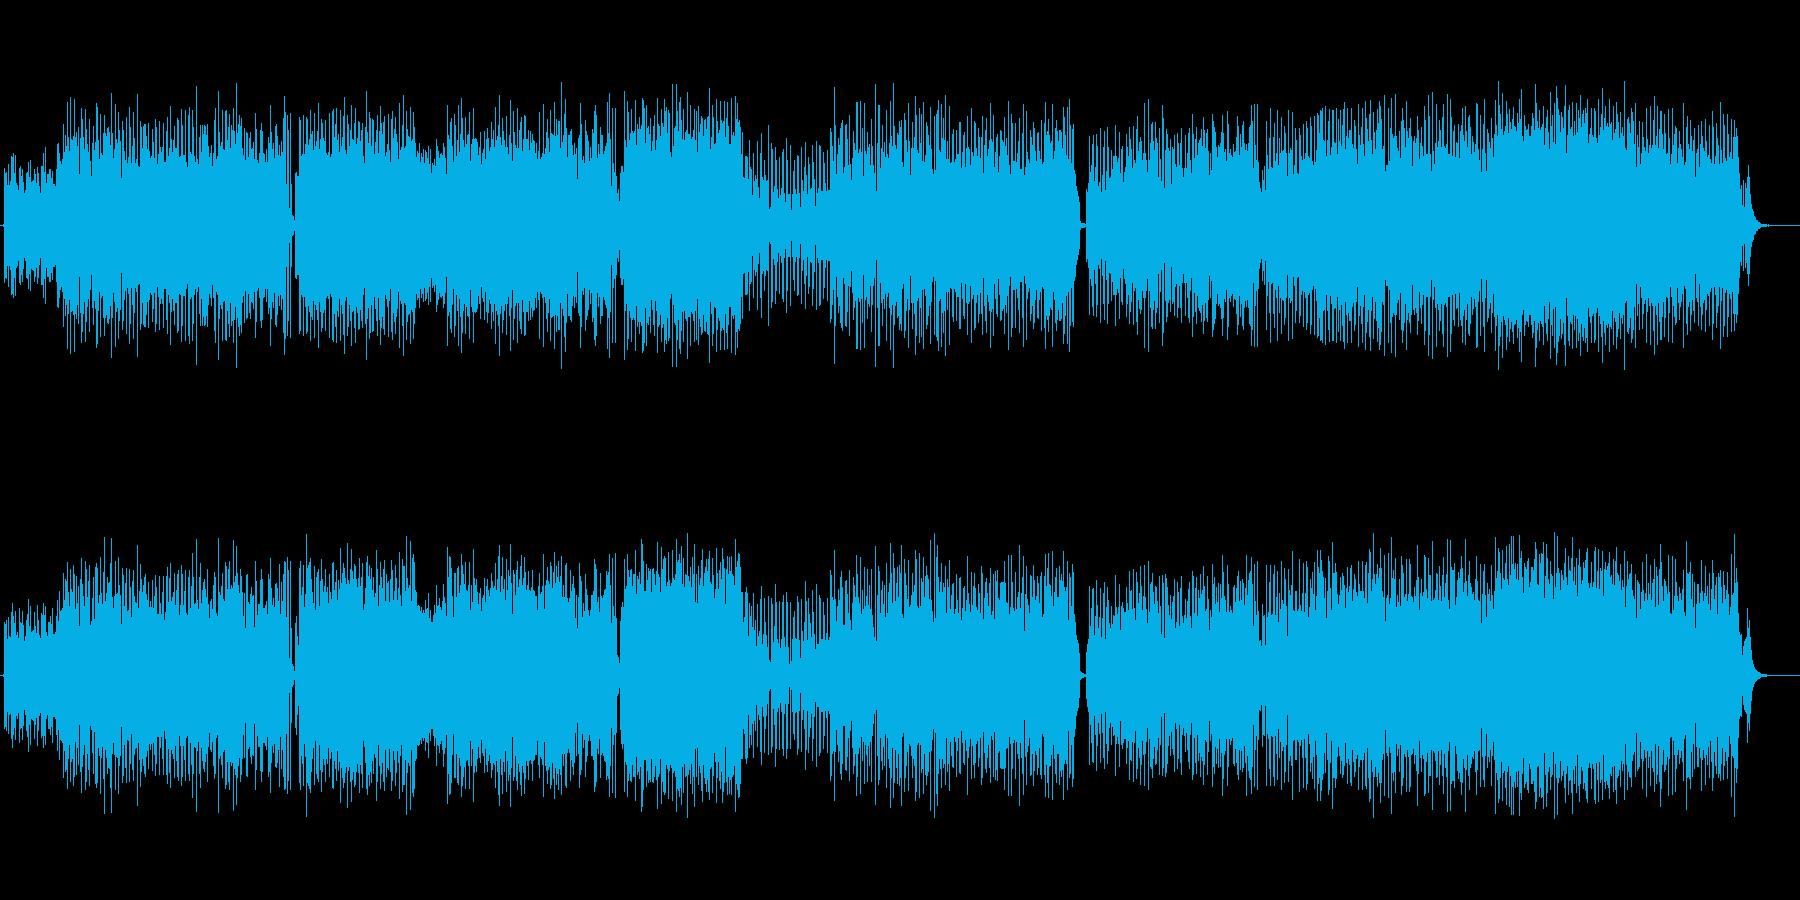 キュートなテクノポップ風フュージョンの再生済みの波形